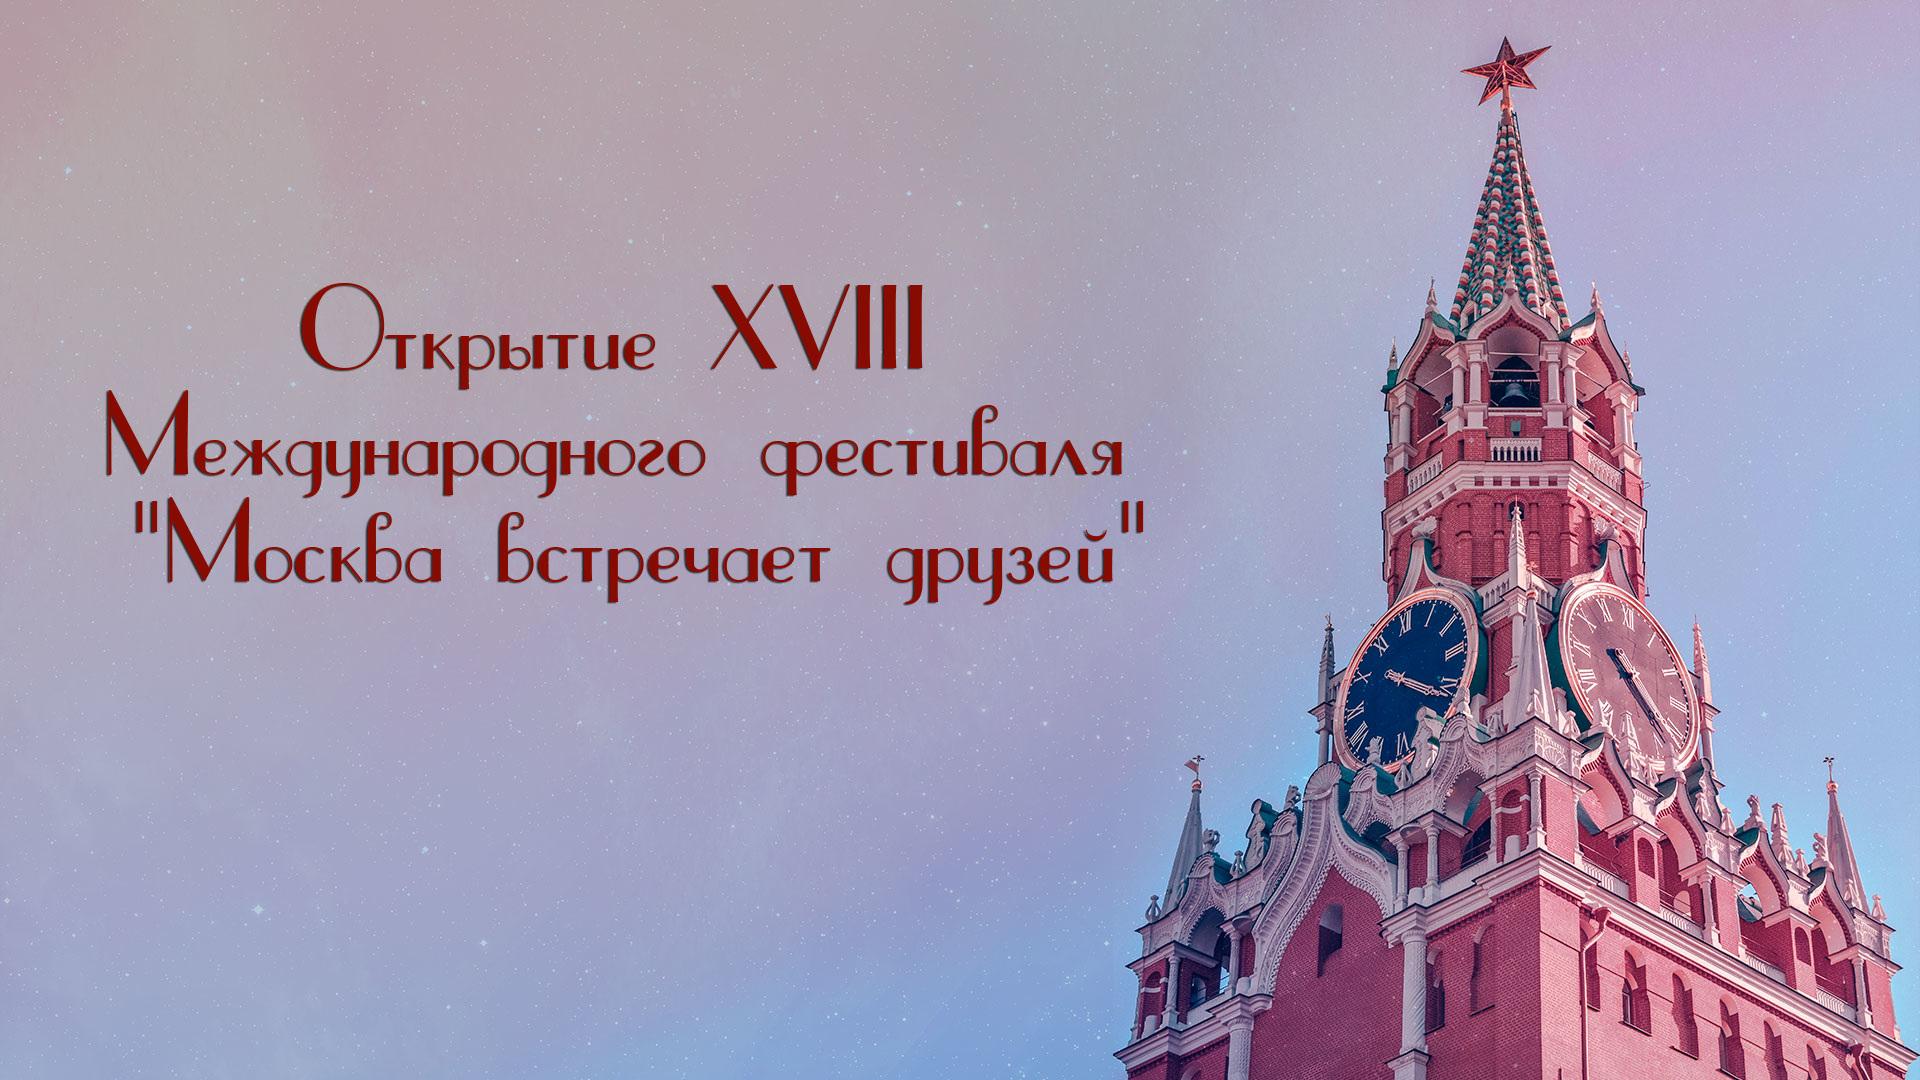 """Открытие XVIII Международного фестиваля """"Москва встречает друзей"""""""